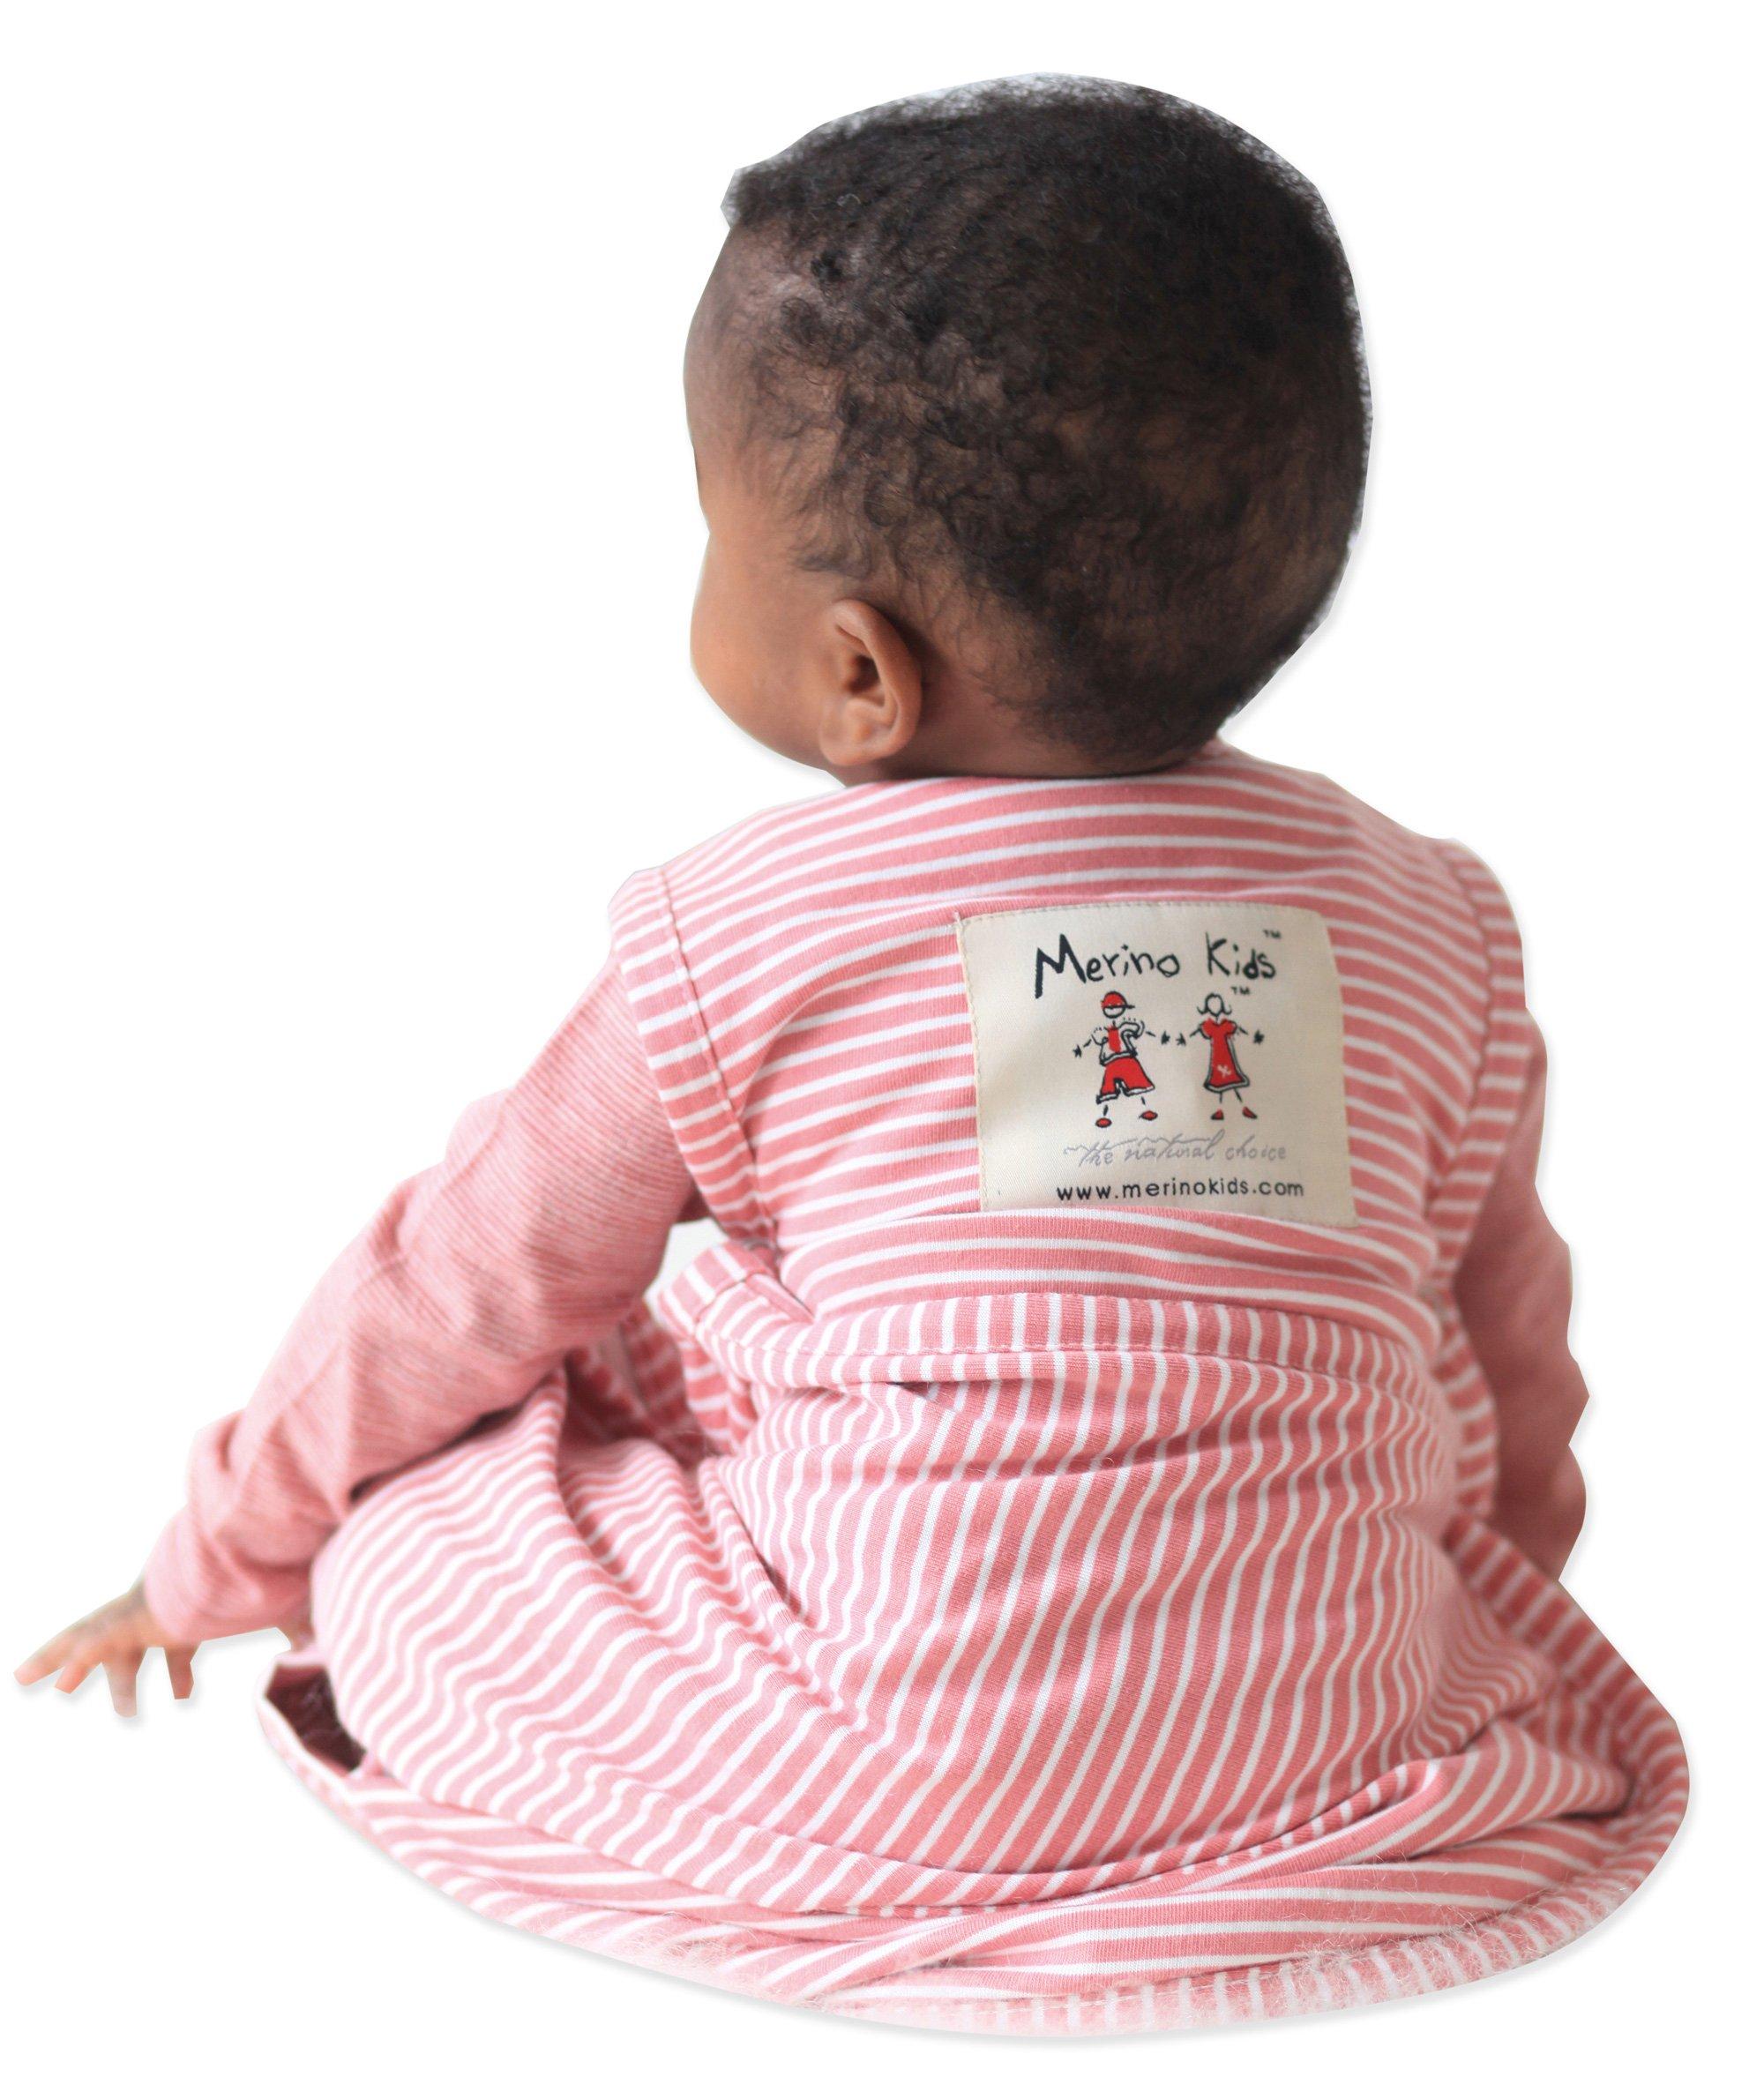 Merino Kids Baby Sleep Bag, Toddler 2-4 years, Raspberry